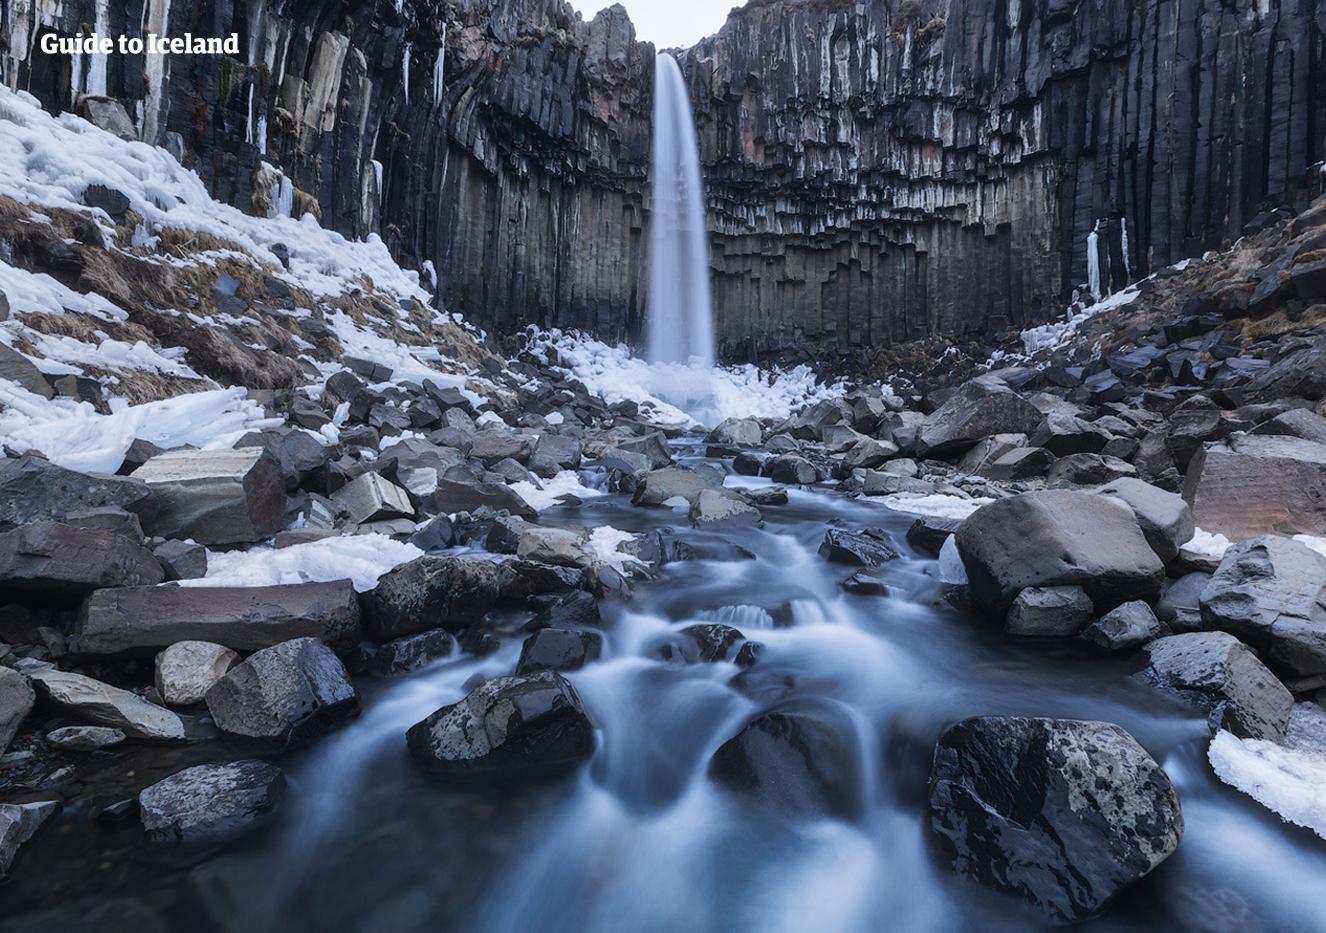 在斯卡夫塔山自然保护区中,体验冰川徒步,收获冰岛必做体验。